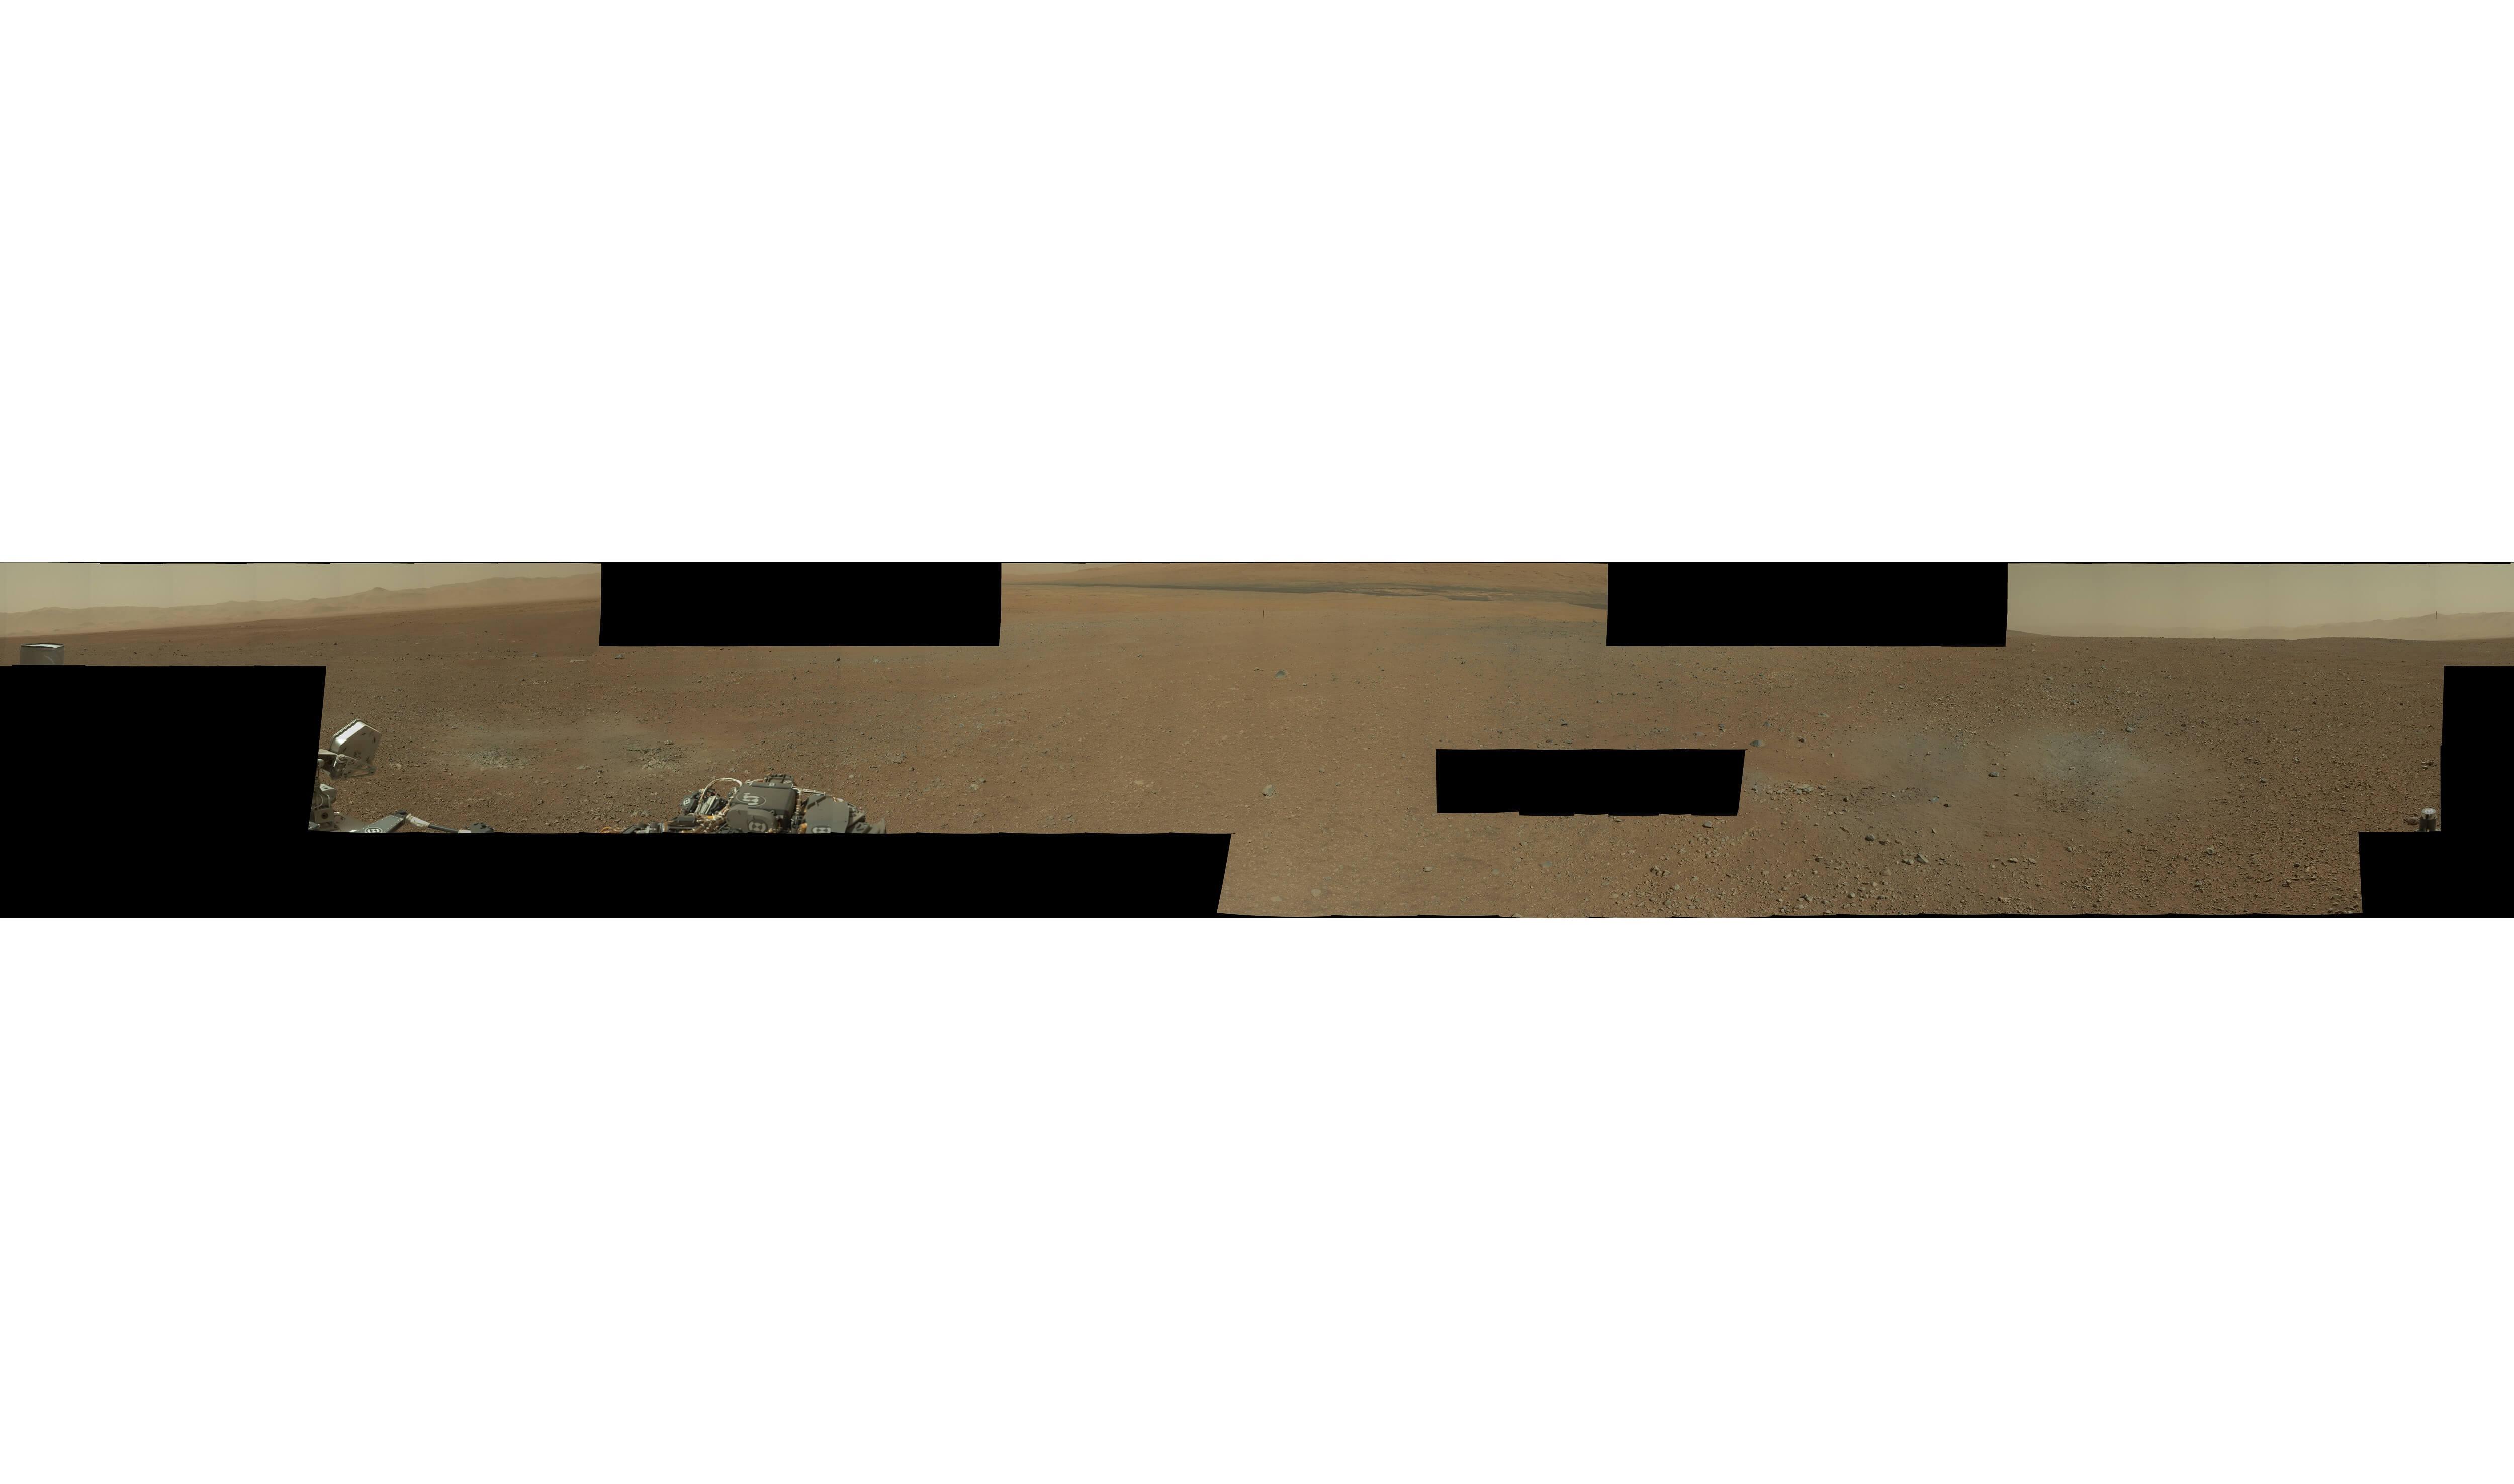 NASA好奇号火星360度全景照片